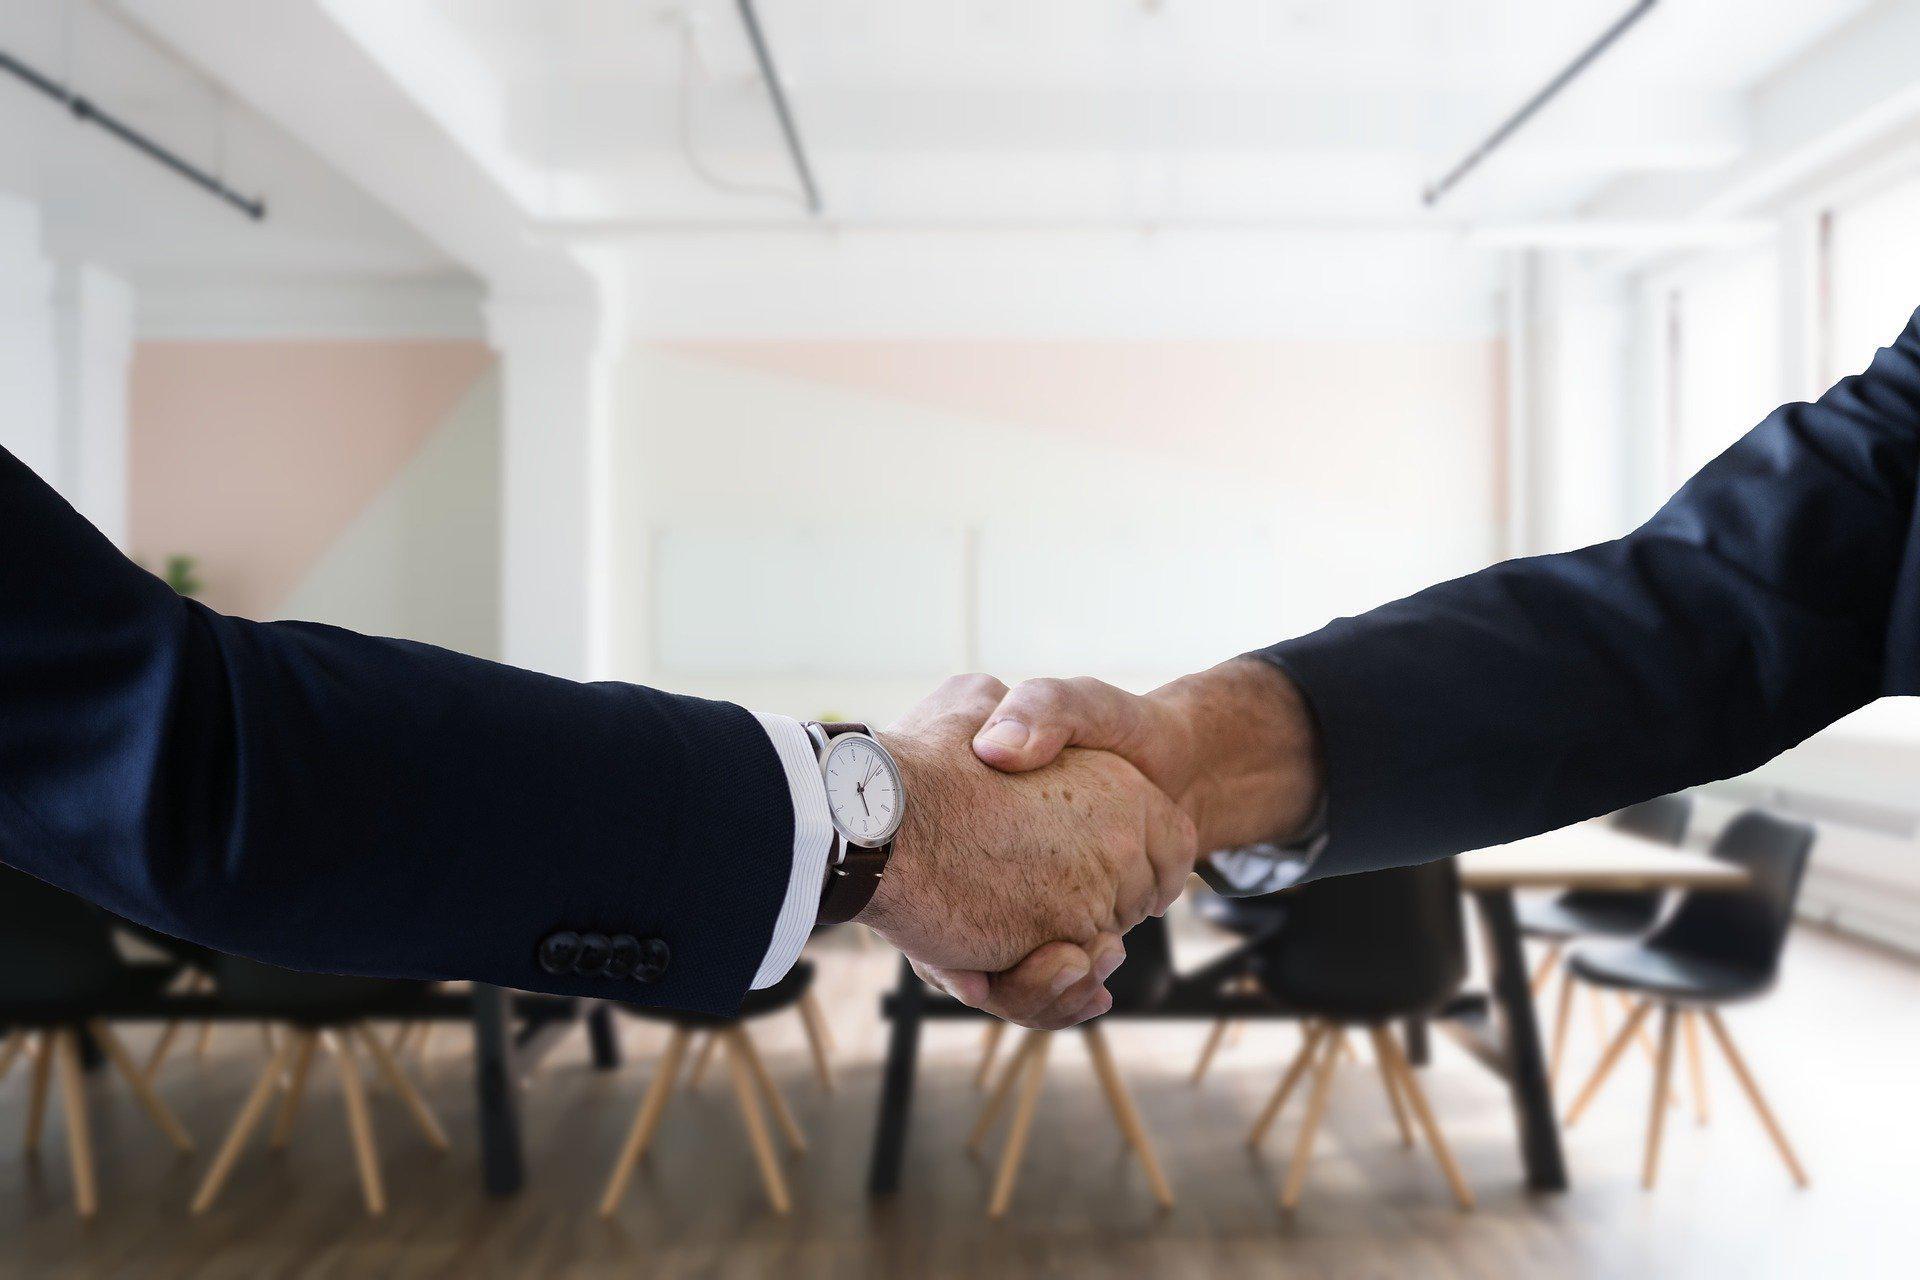 Швейцария подписала соглашение об обмене налоговой информацией с Белизом